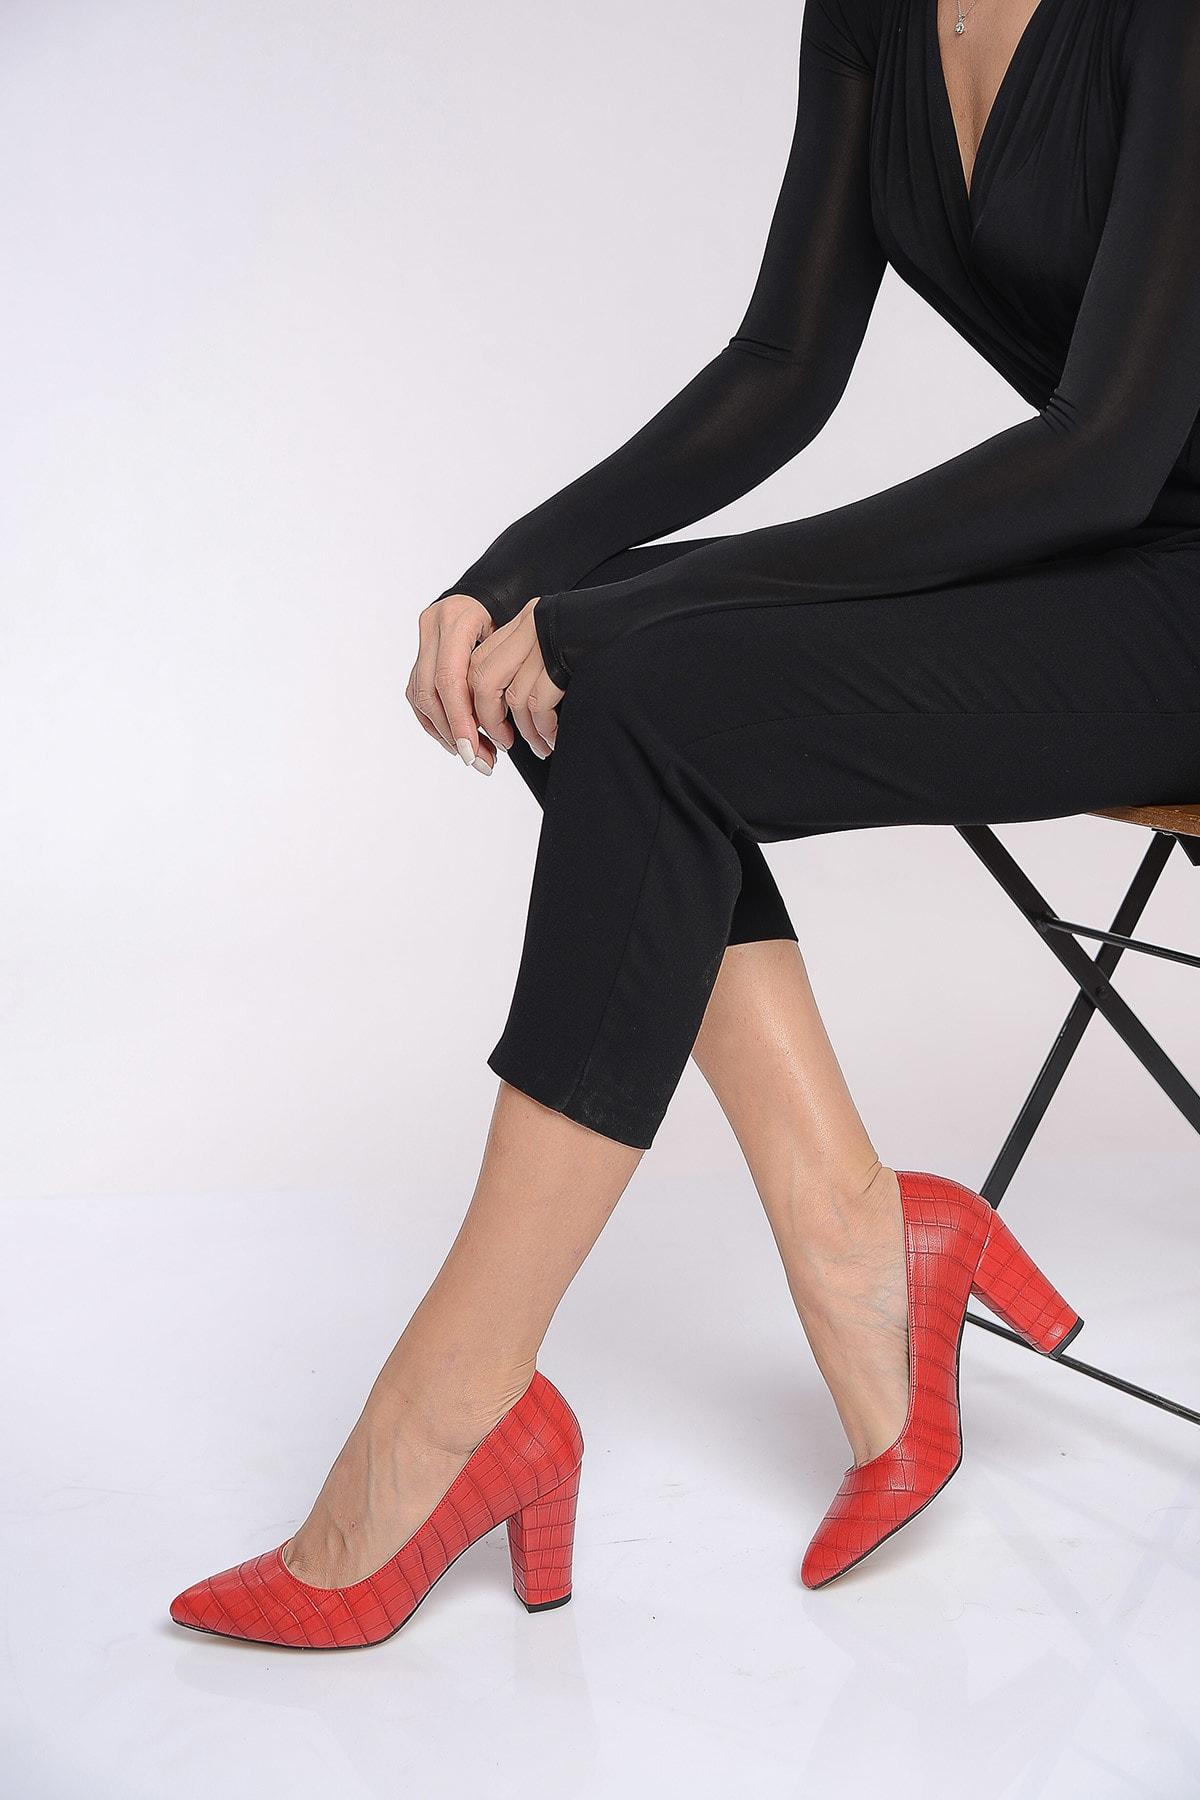 Shoes Time Kırmızı Kadın Topuklu Ayakkabı 19K 207 1